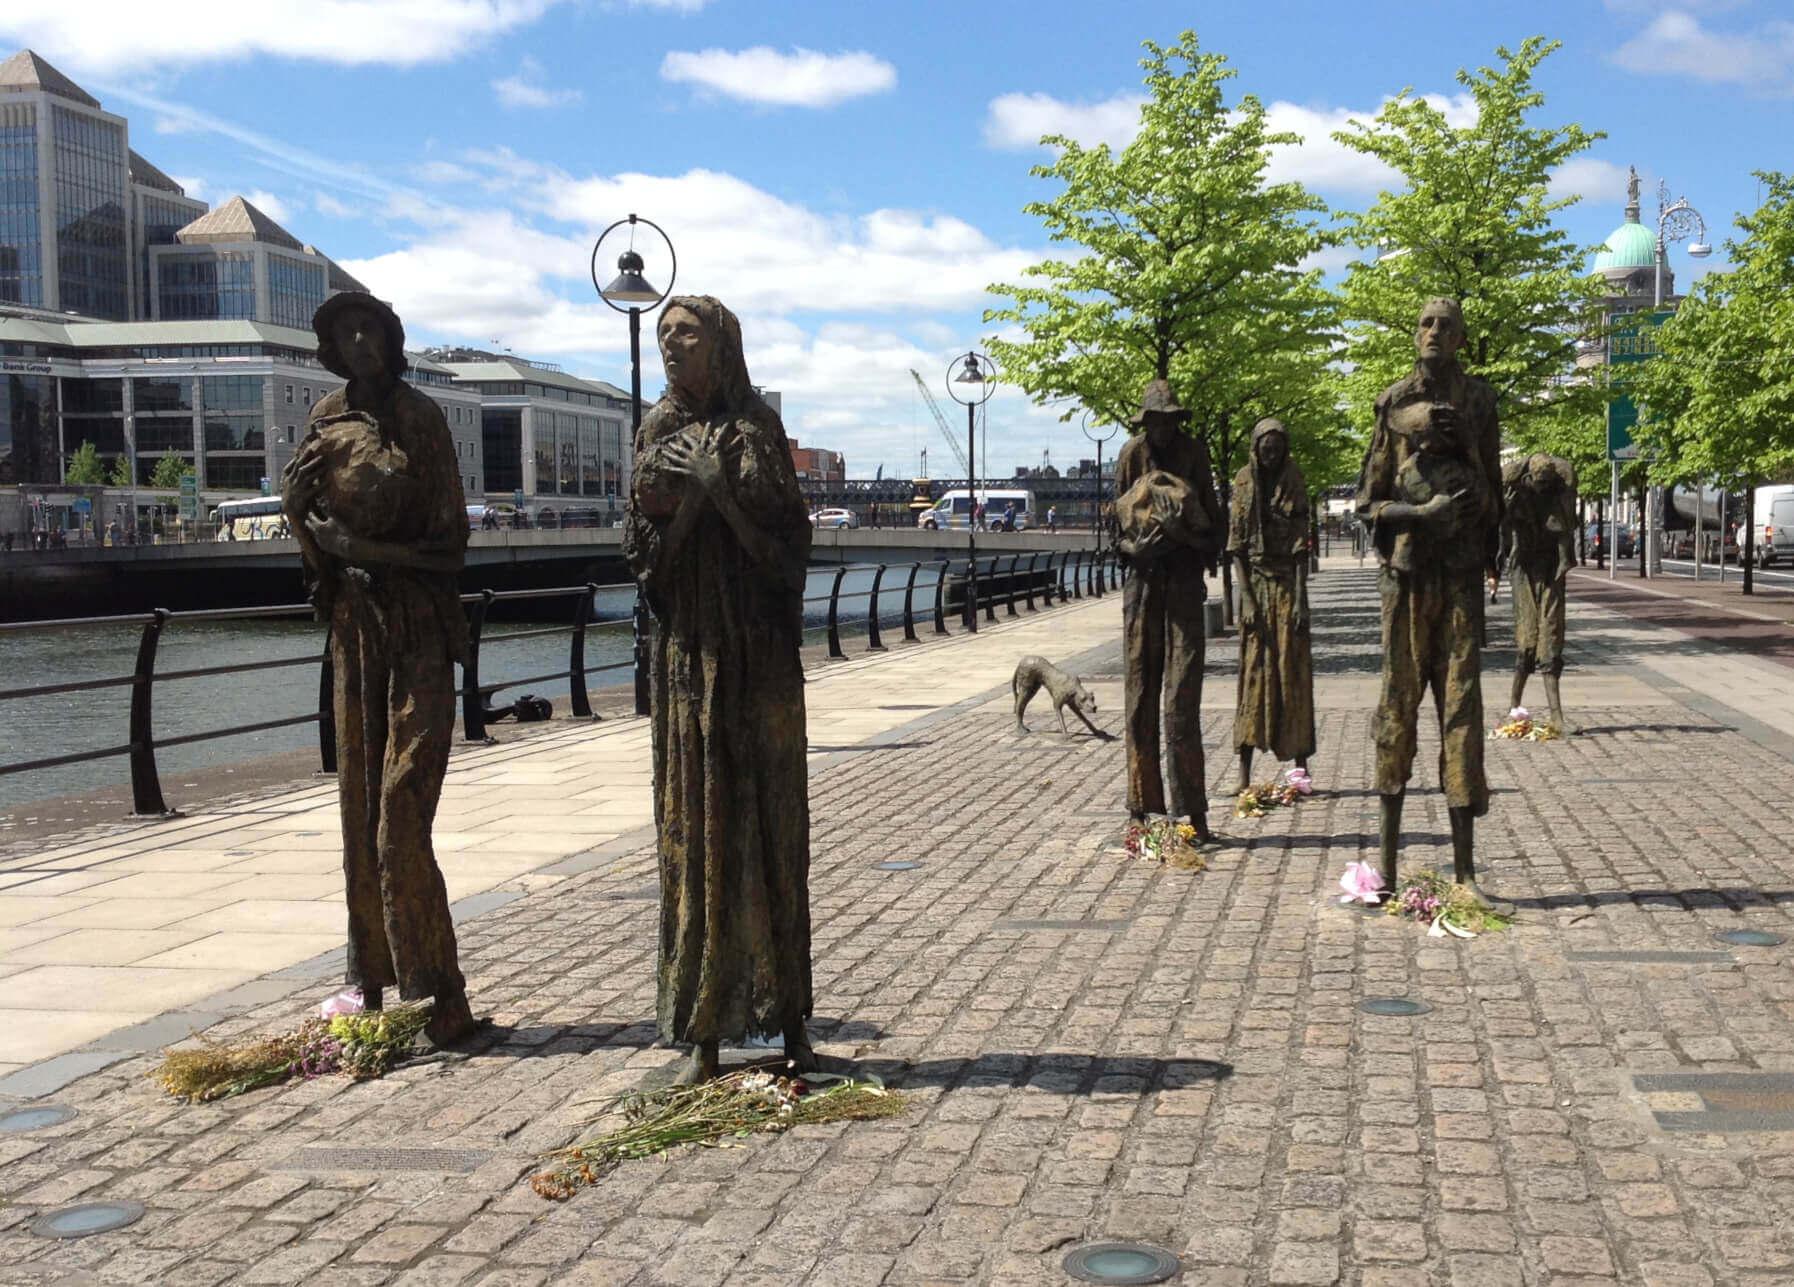 viaggiare-zaino-in-spalla-dublino-sculture